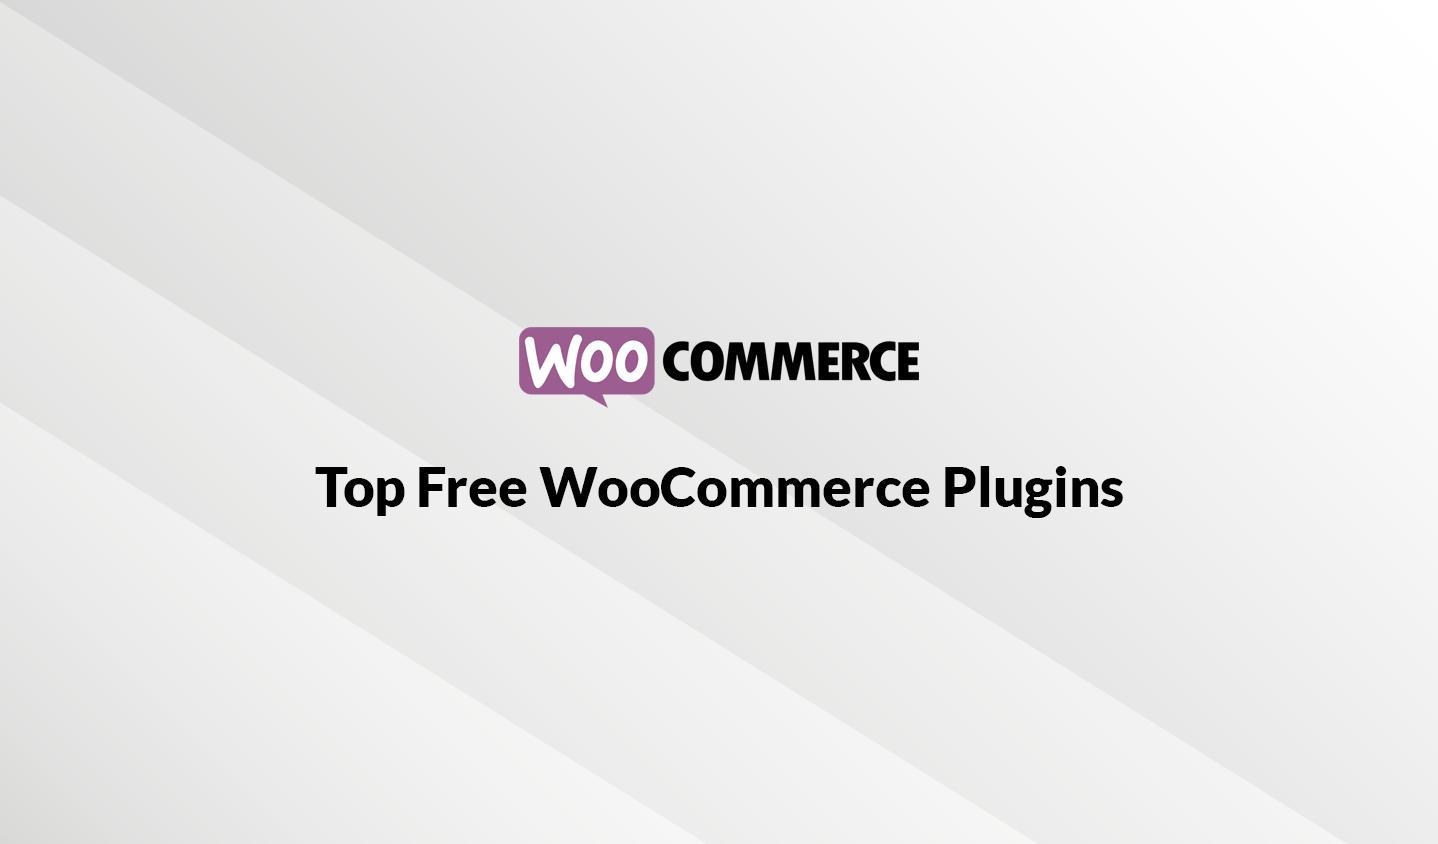 10+ Top Free WooCommerce Plugins 2020